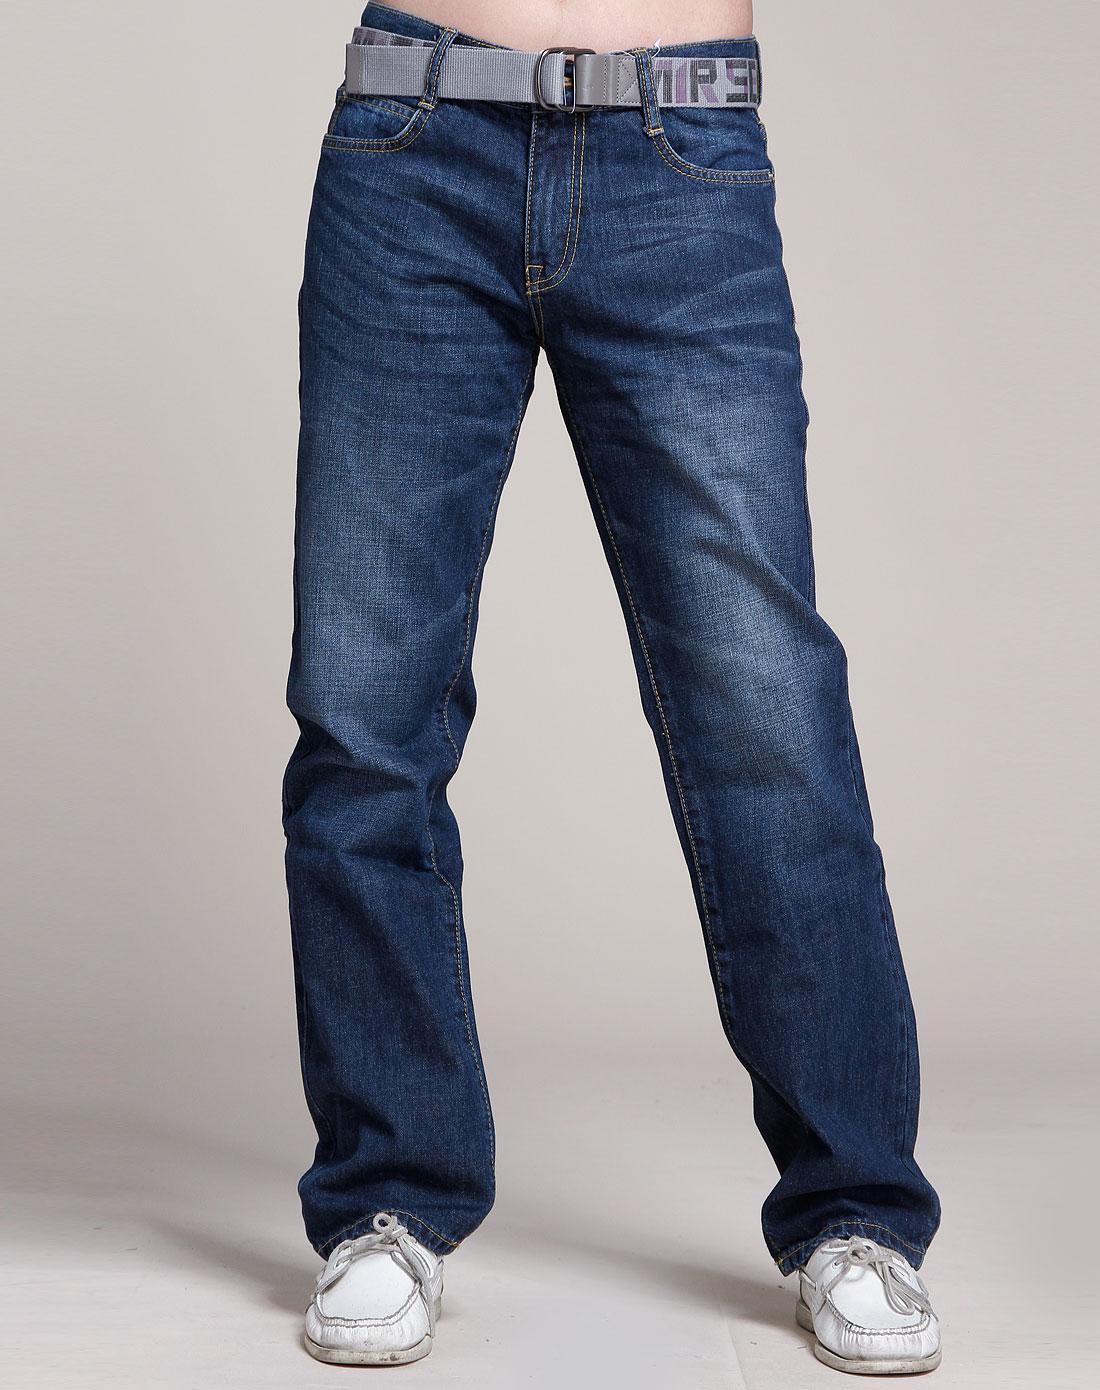 森马-男装深蓝色牛仔长裤1图片